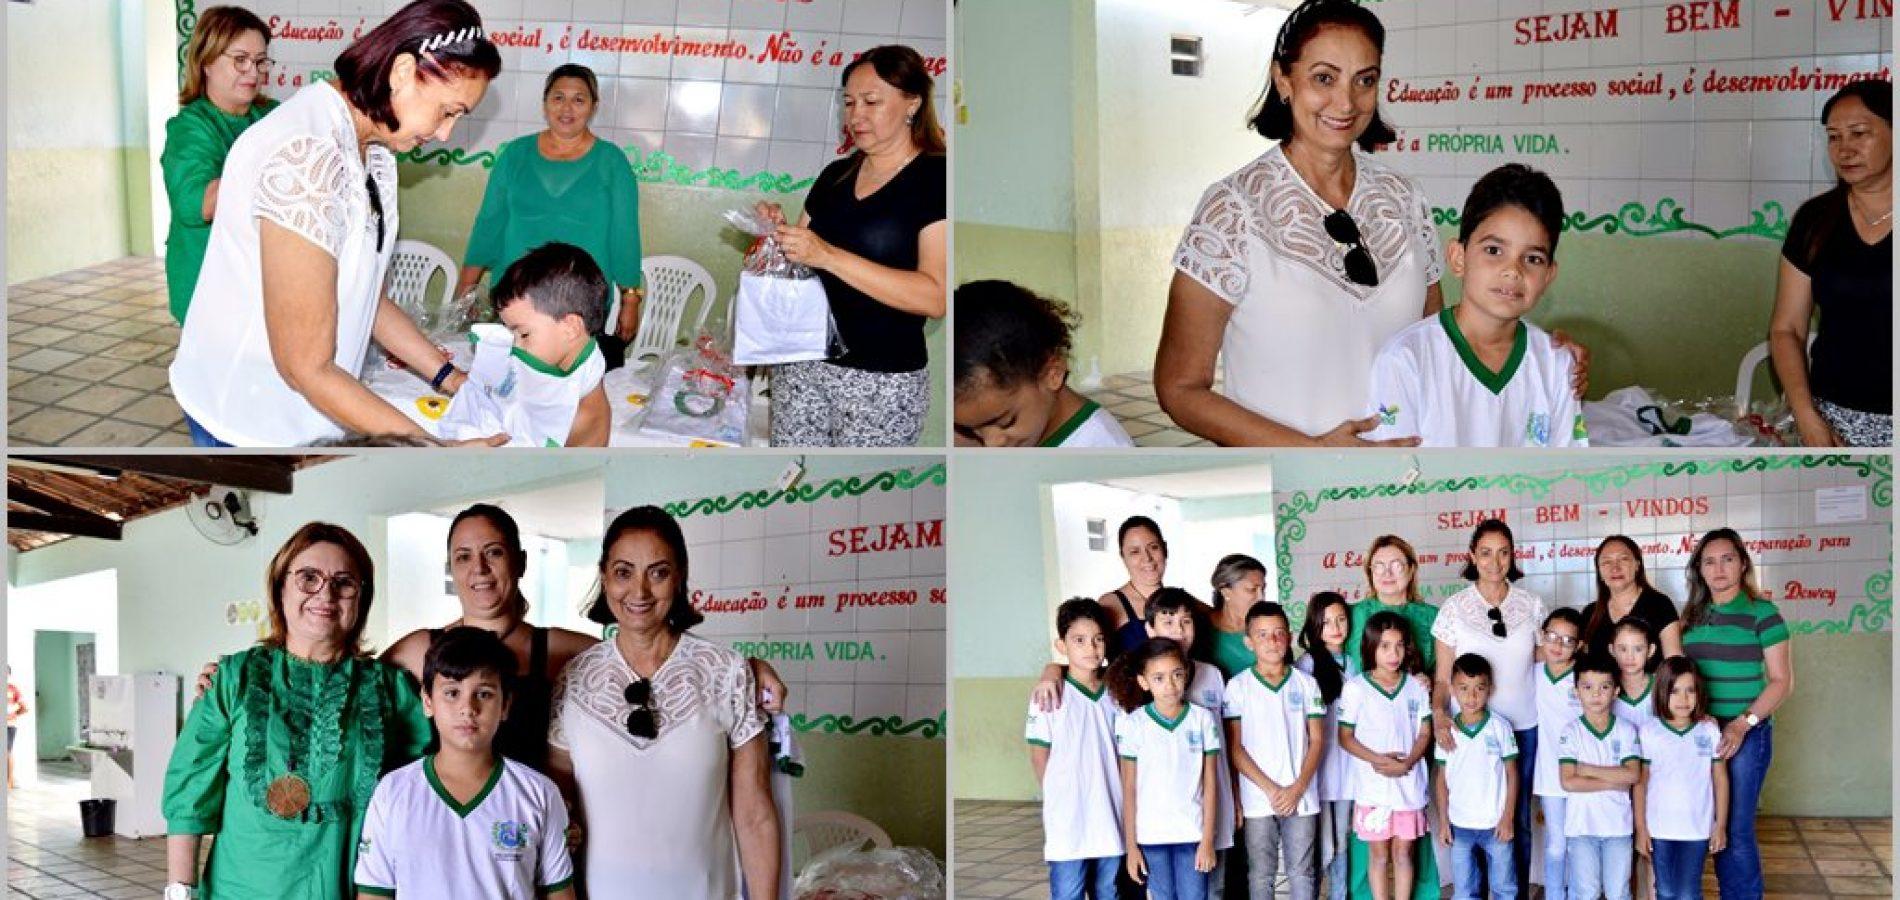 FRONTEIRAS     Prefeita Maria José visita escolas municipais e faz entrega de fardamento escolar